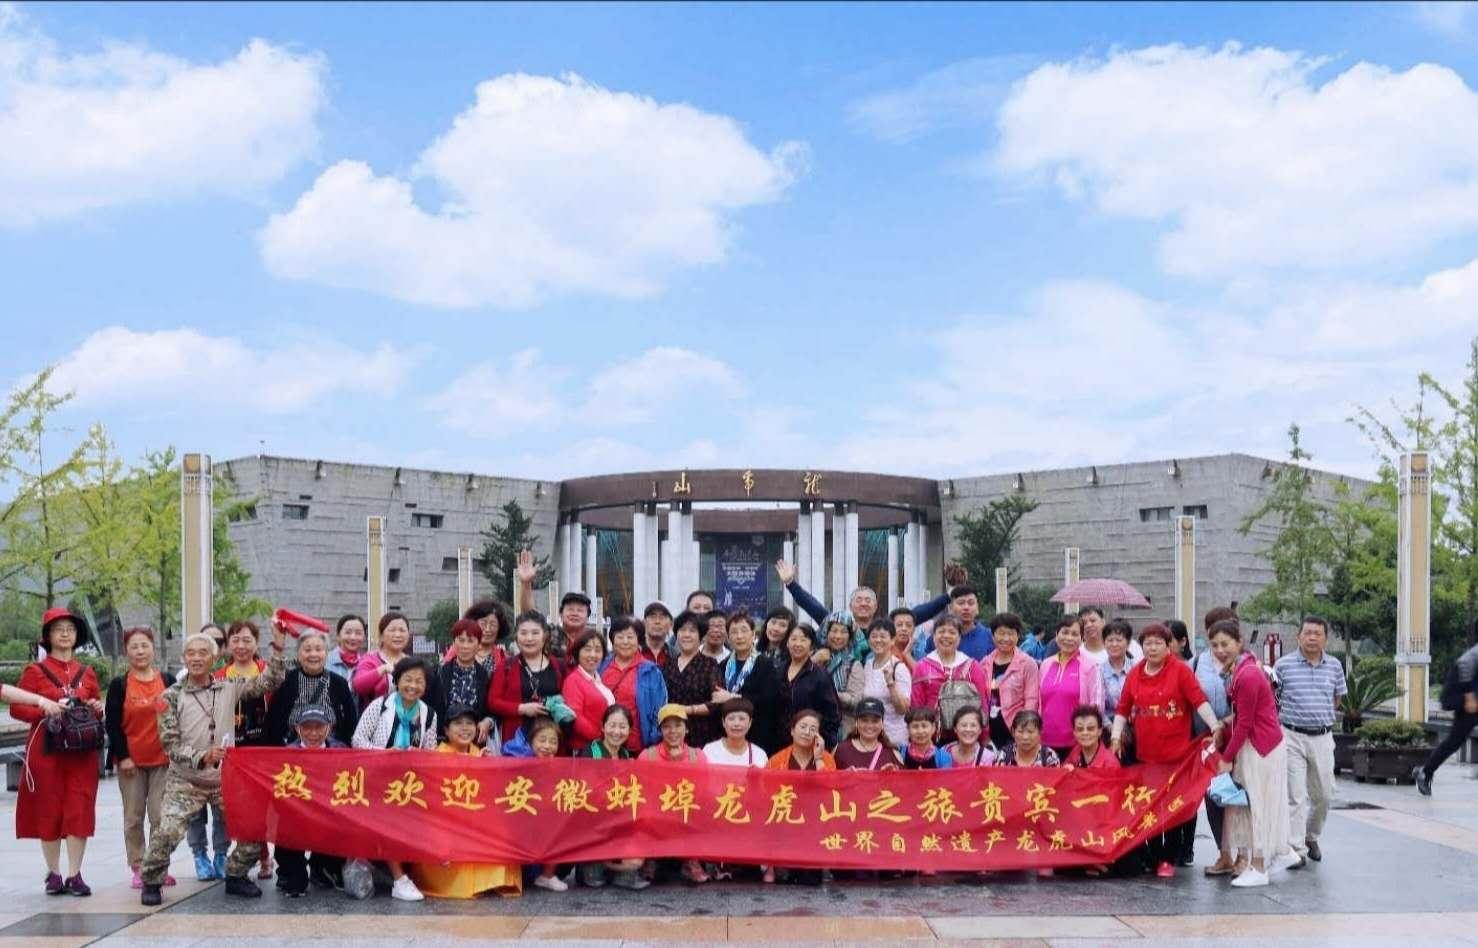 安徽蚌埠贵宾龙虎山三日之旅